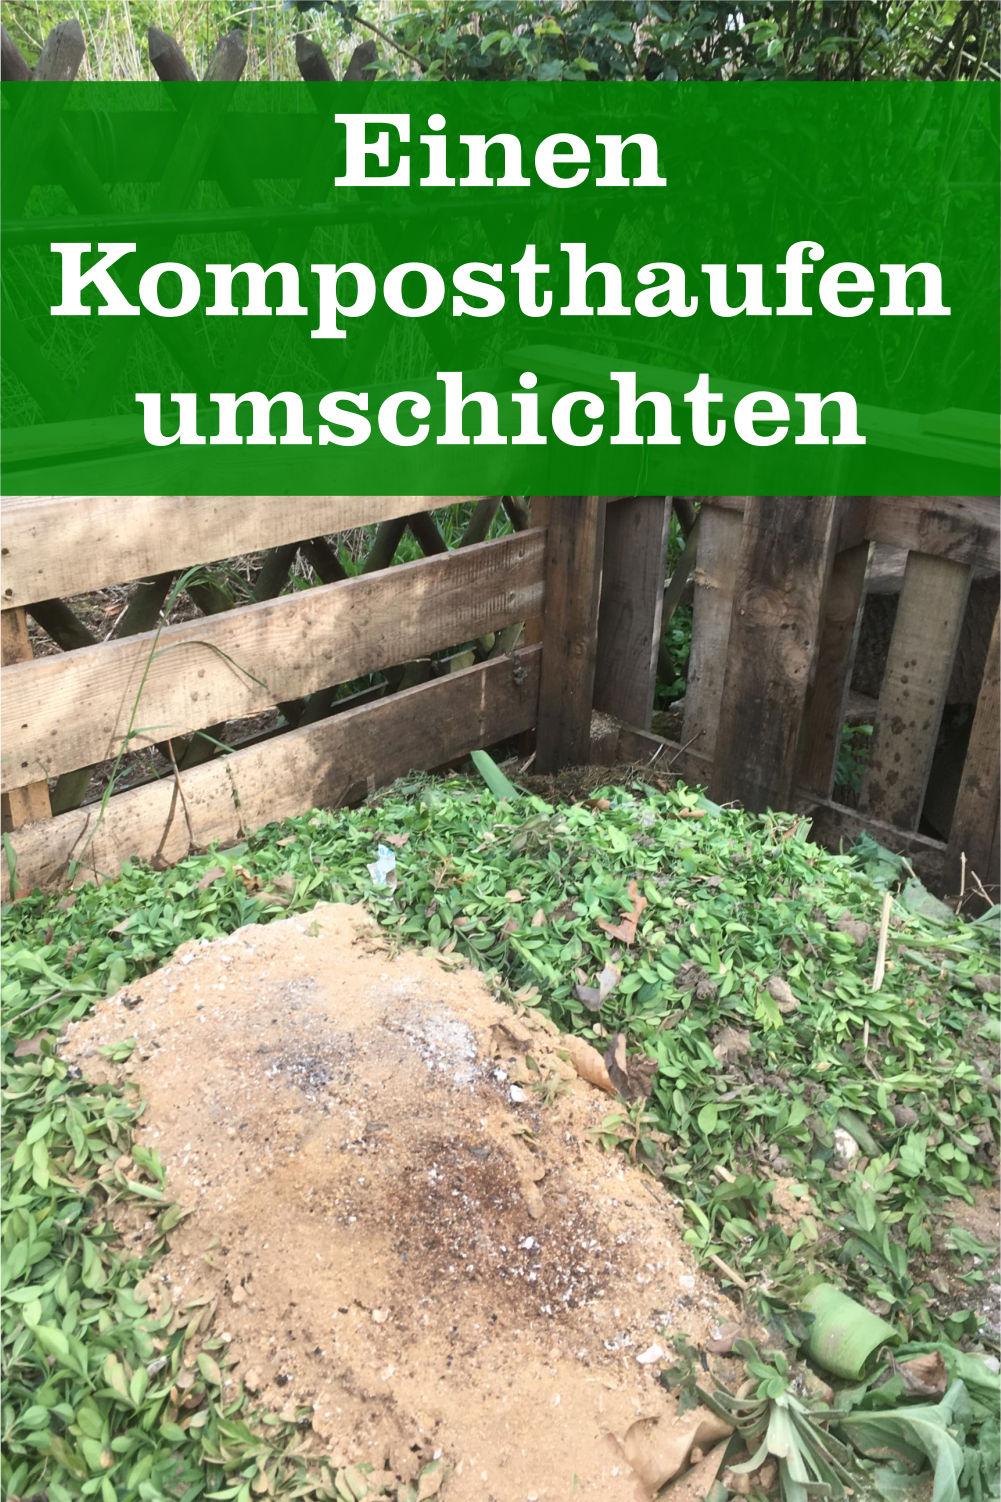 Komposthaufen umschichten